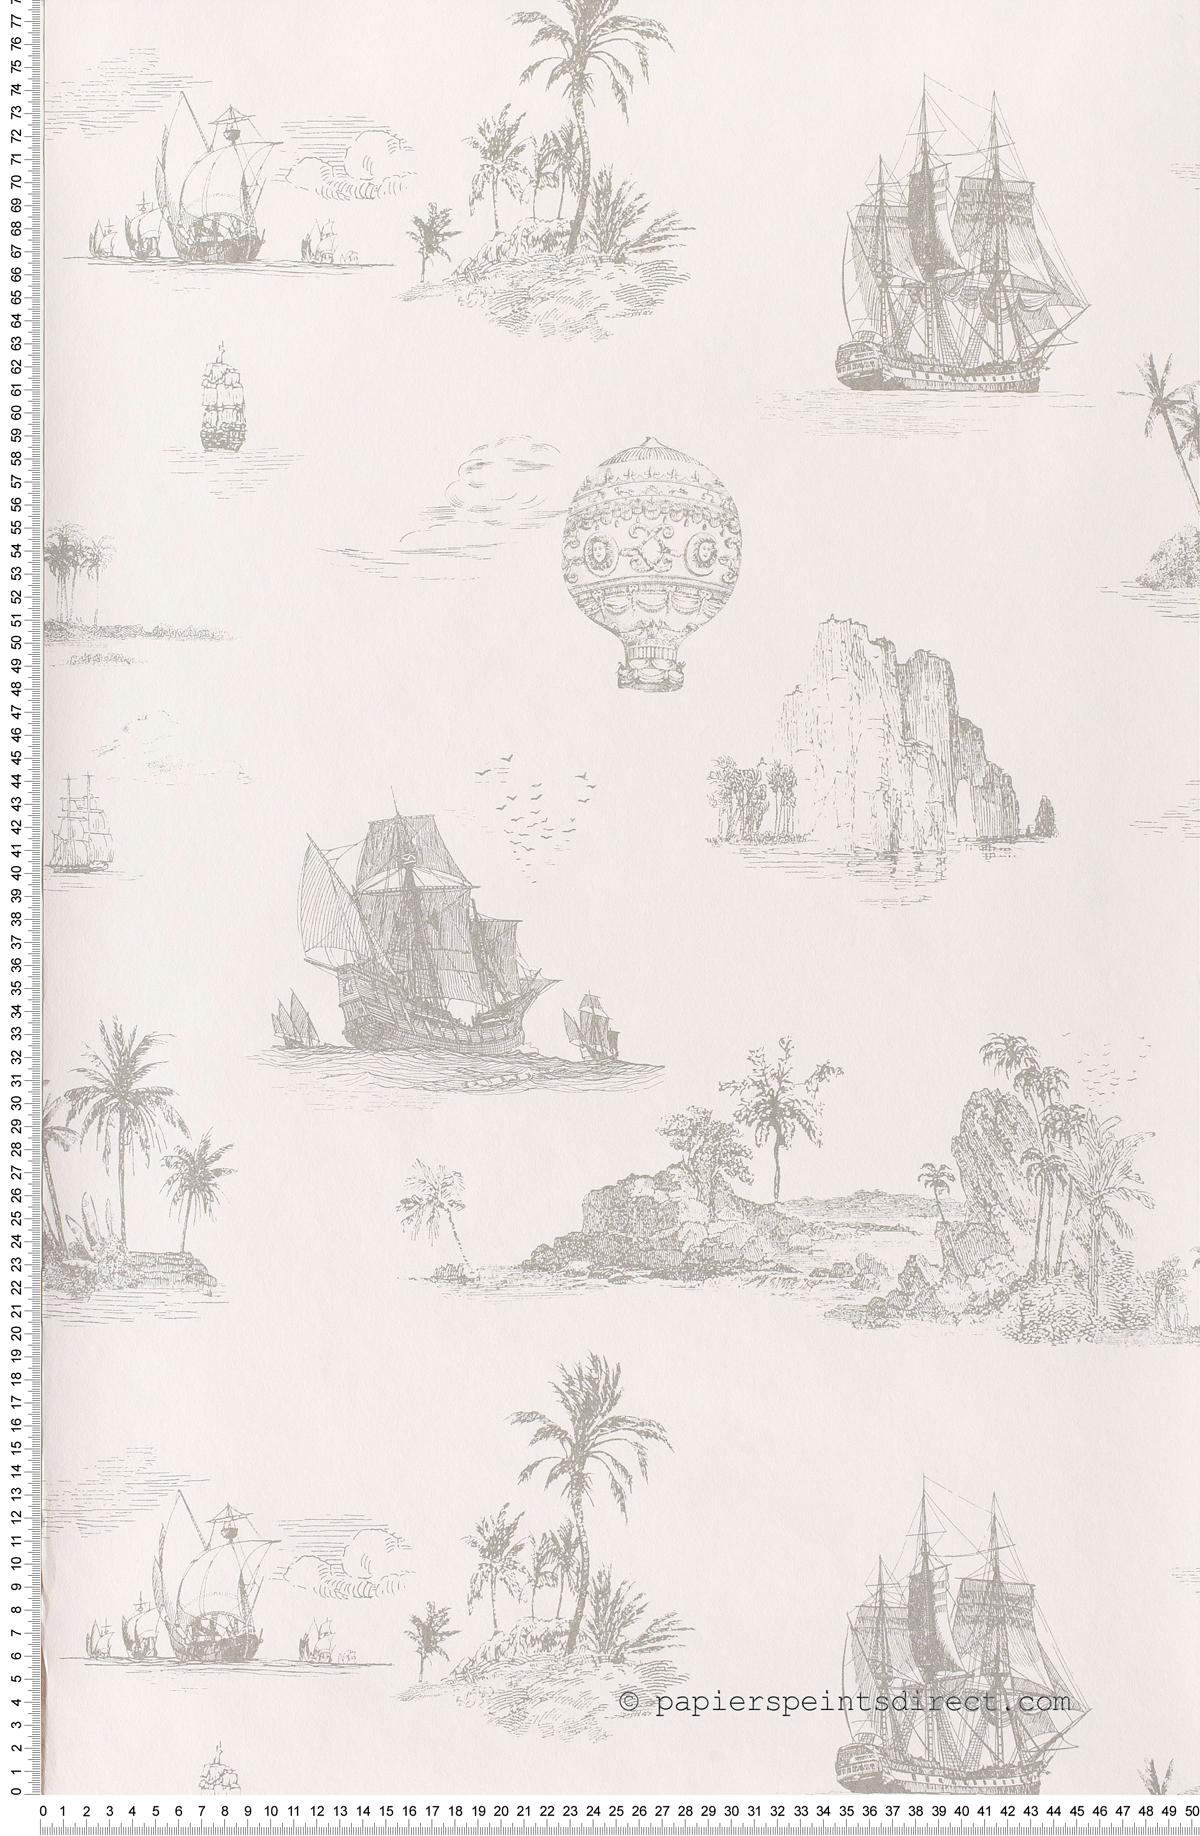 Grandes découvertes Chantilly - papier peint Casadéco